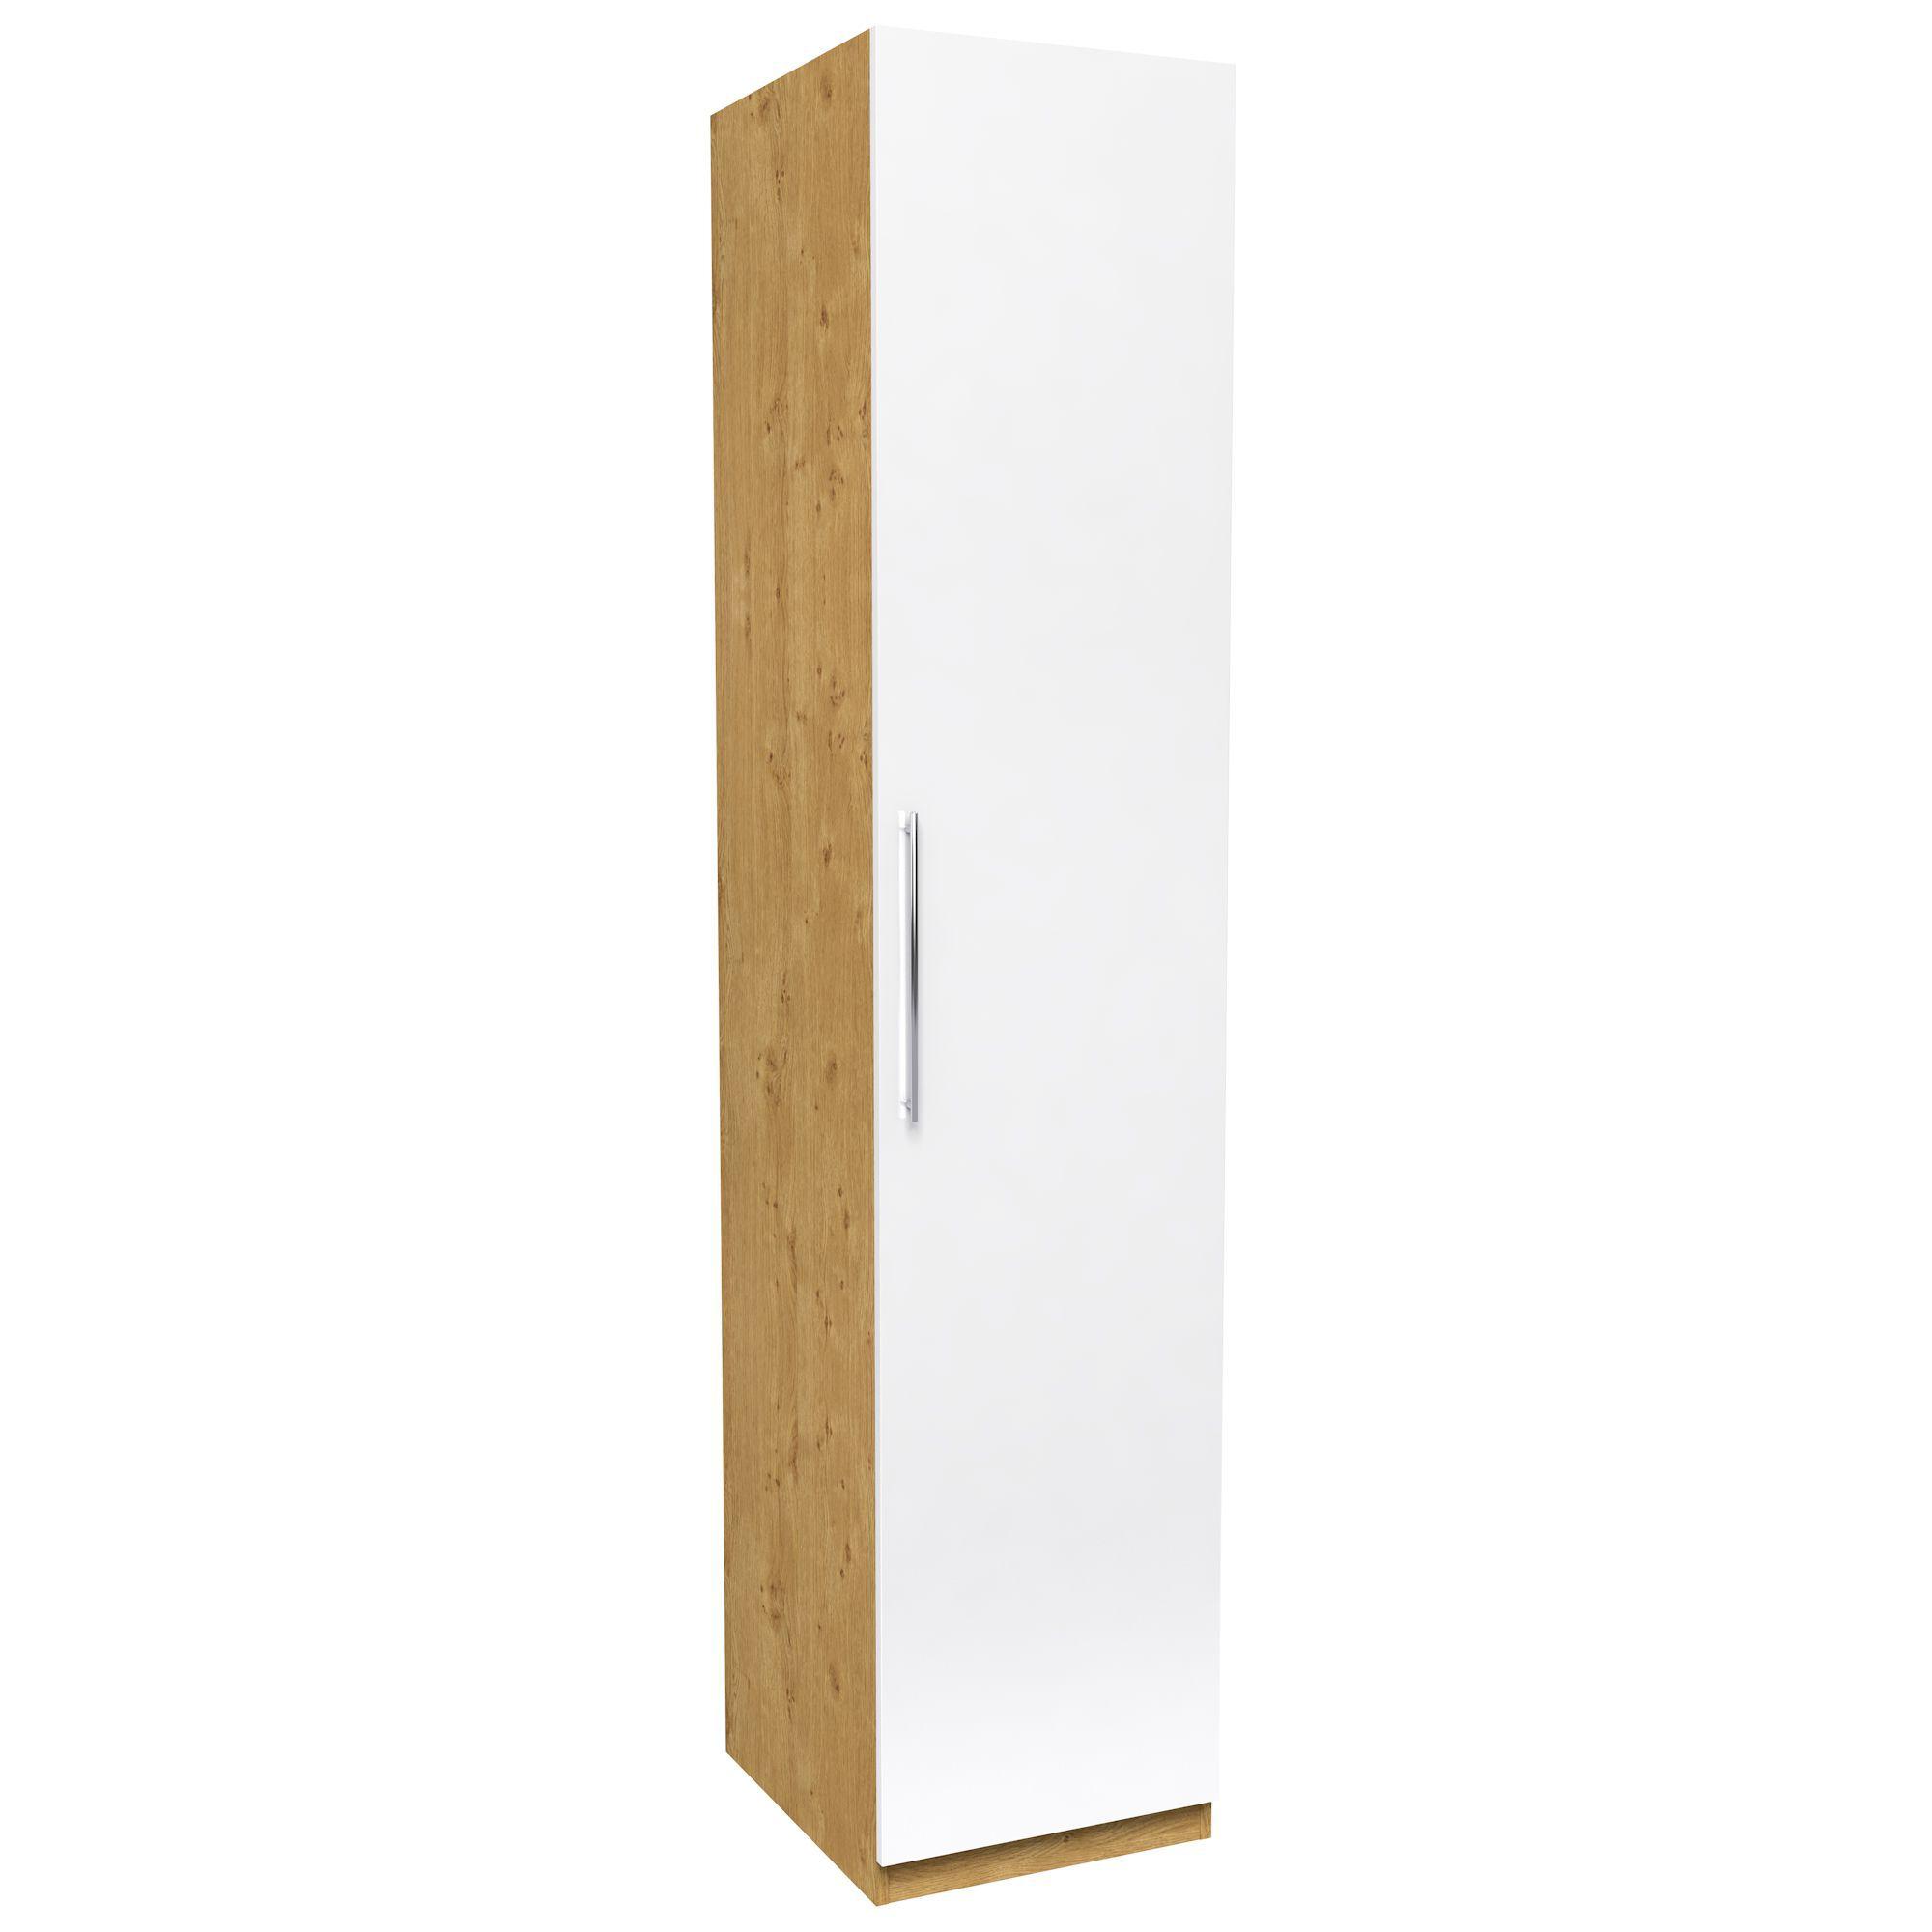 Darwin White & Oak Effect 1 Door Wardrobe (h)2350mm (w)499mm